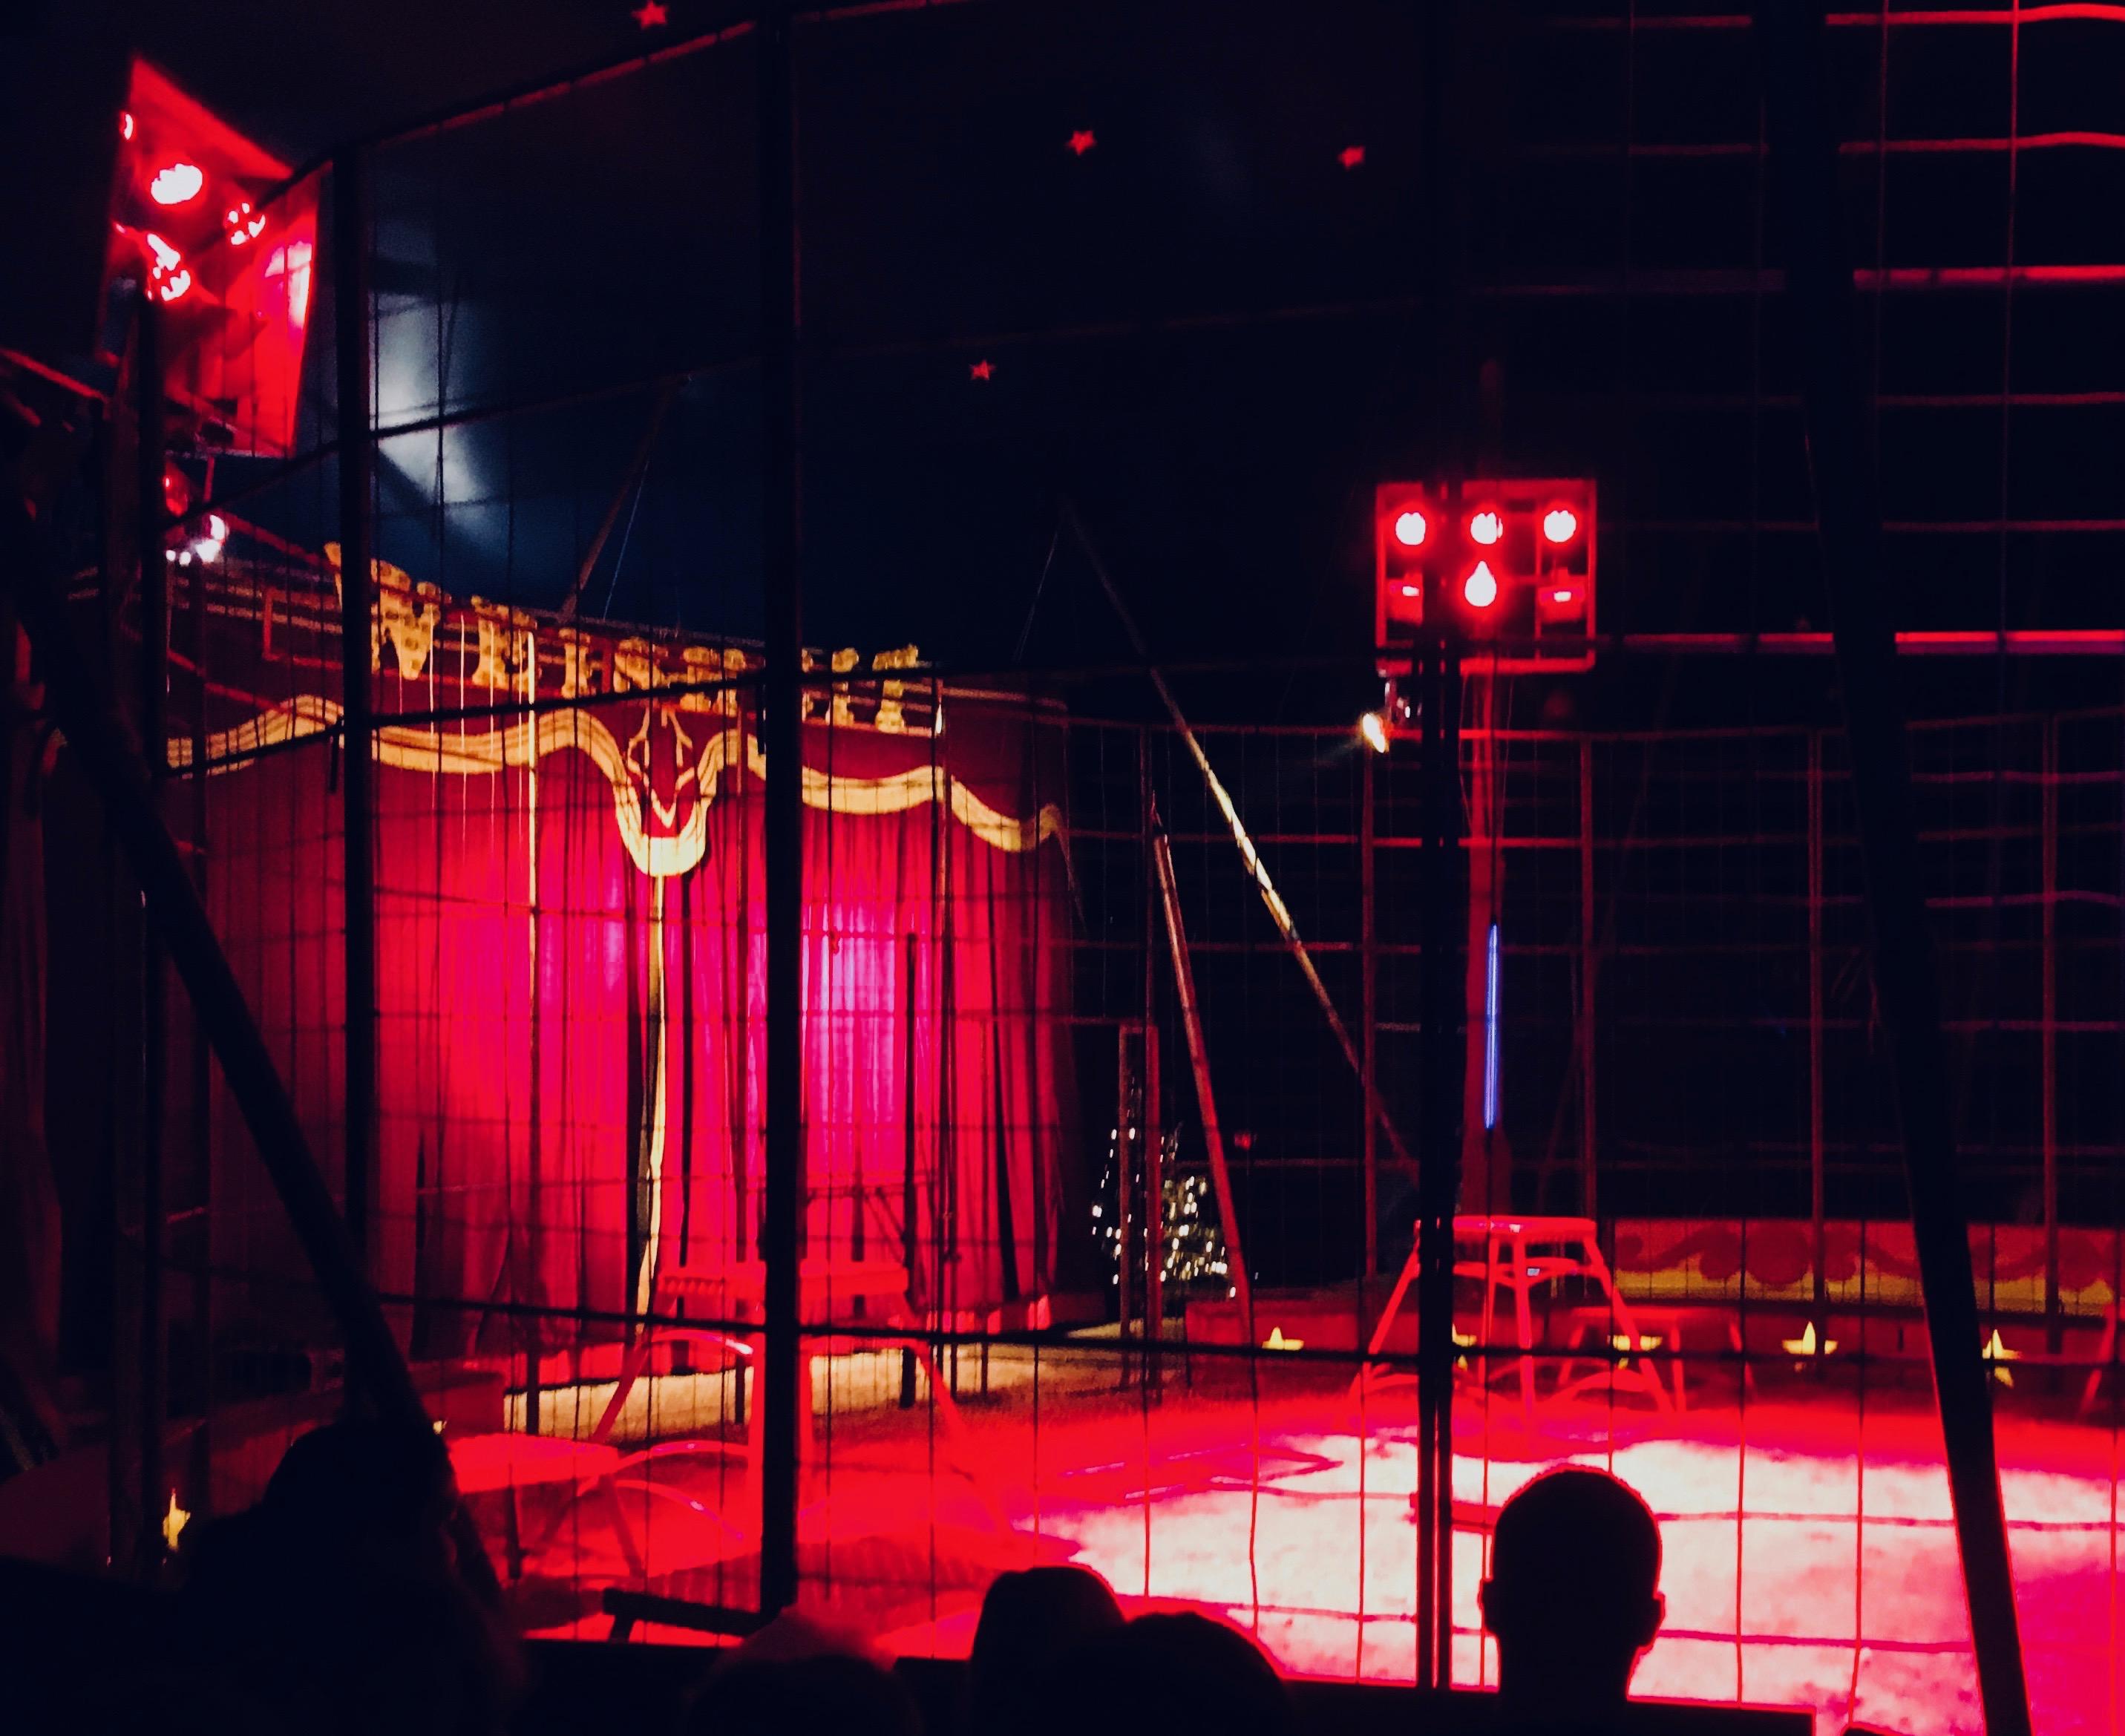 Raubtierkäfig im Zirkus